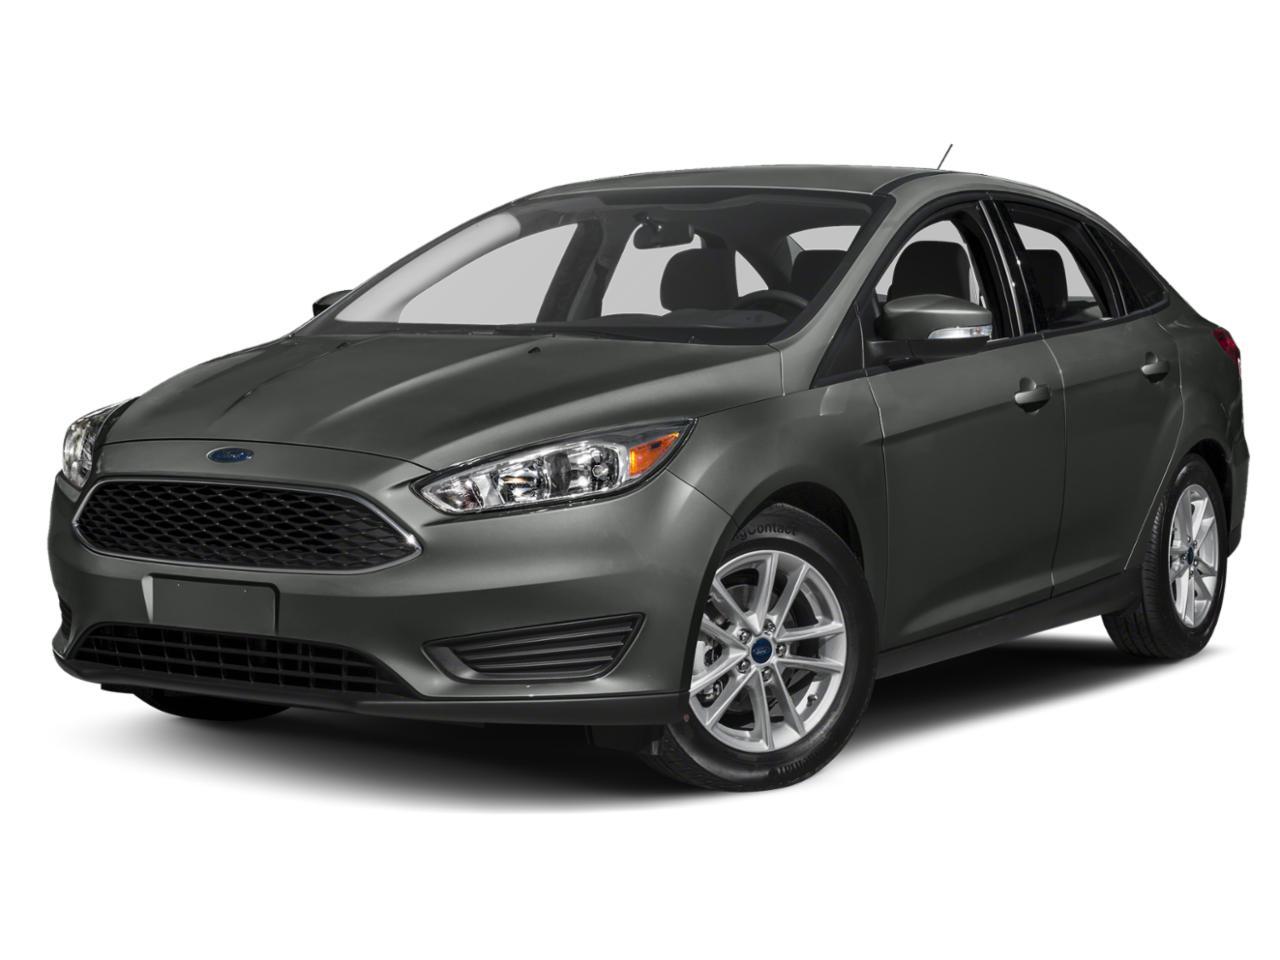 2018 Ford Focus Vehicle Photo in EMPORIA, VA 23847-1235